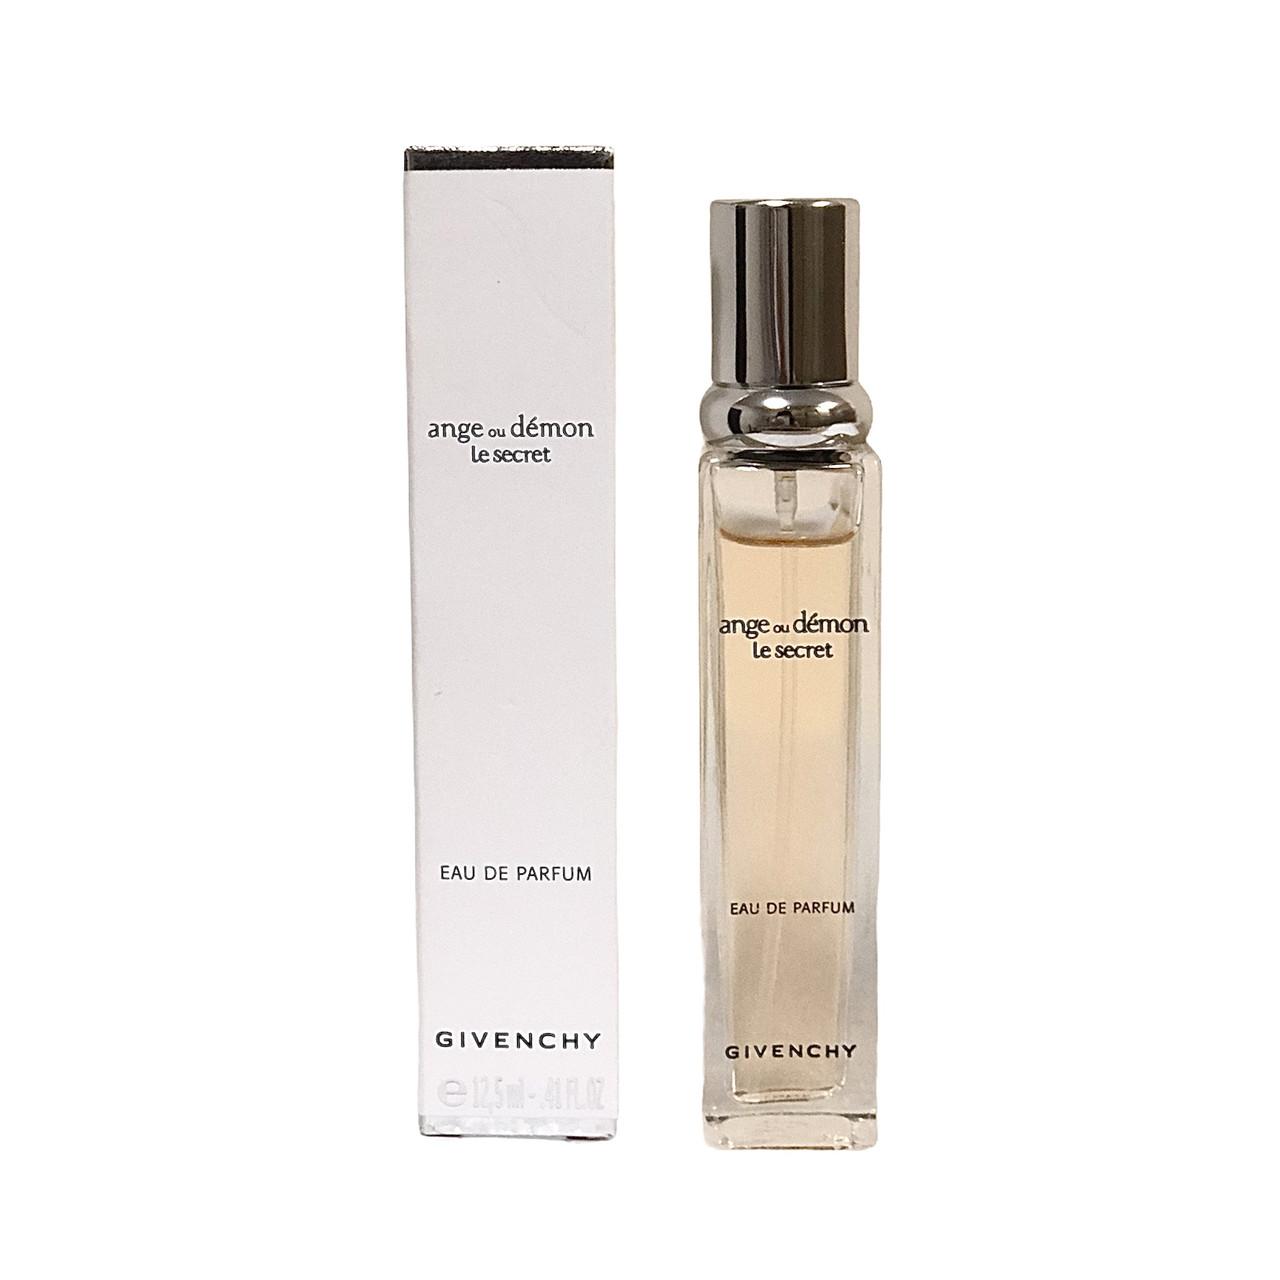 Мініатюра 12,5 мл оригінал Givenchy Ange ou Demon Le Secret, свіжий аромат з білими квітами на літо для жінок